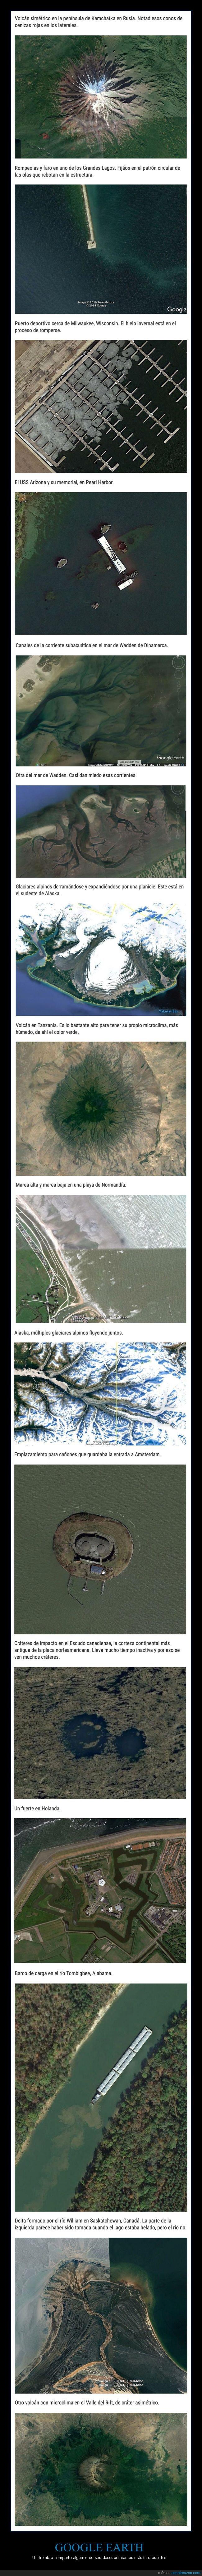 descubrimientos,google earth